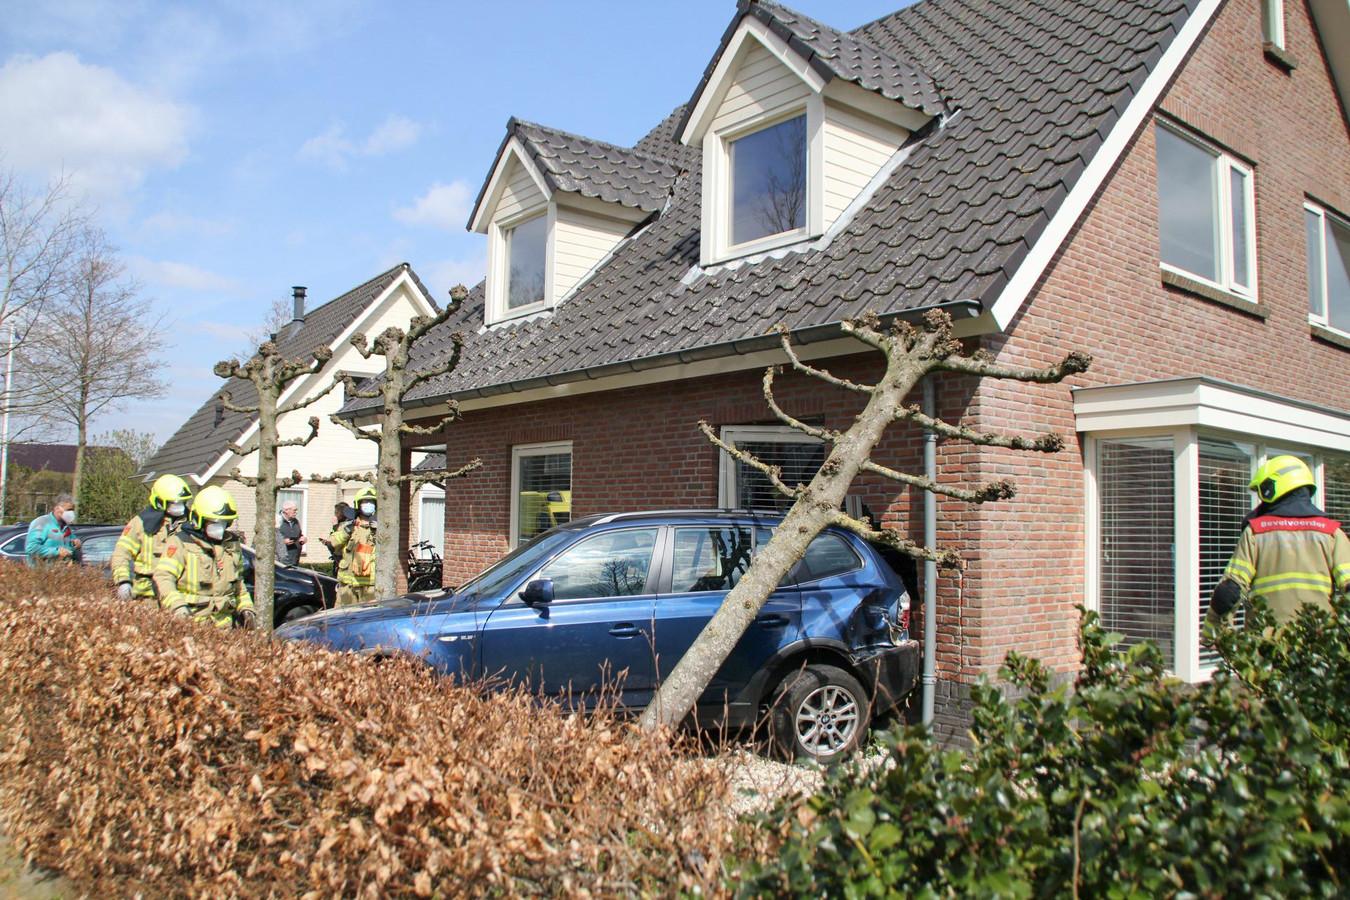 De schade aan het huis en de auto is groot.